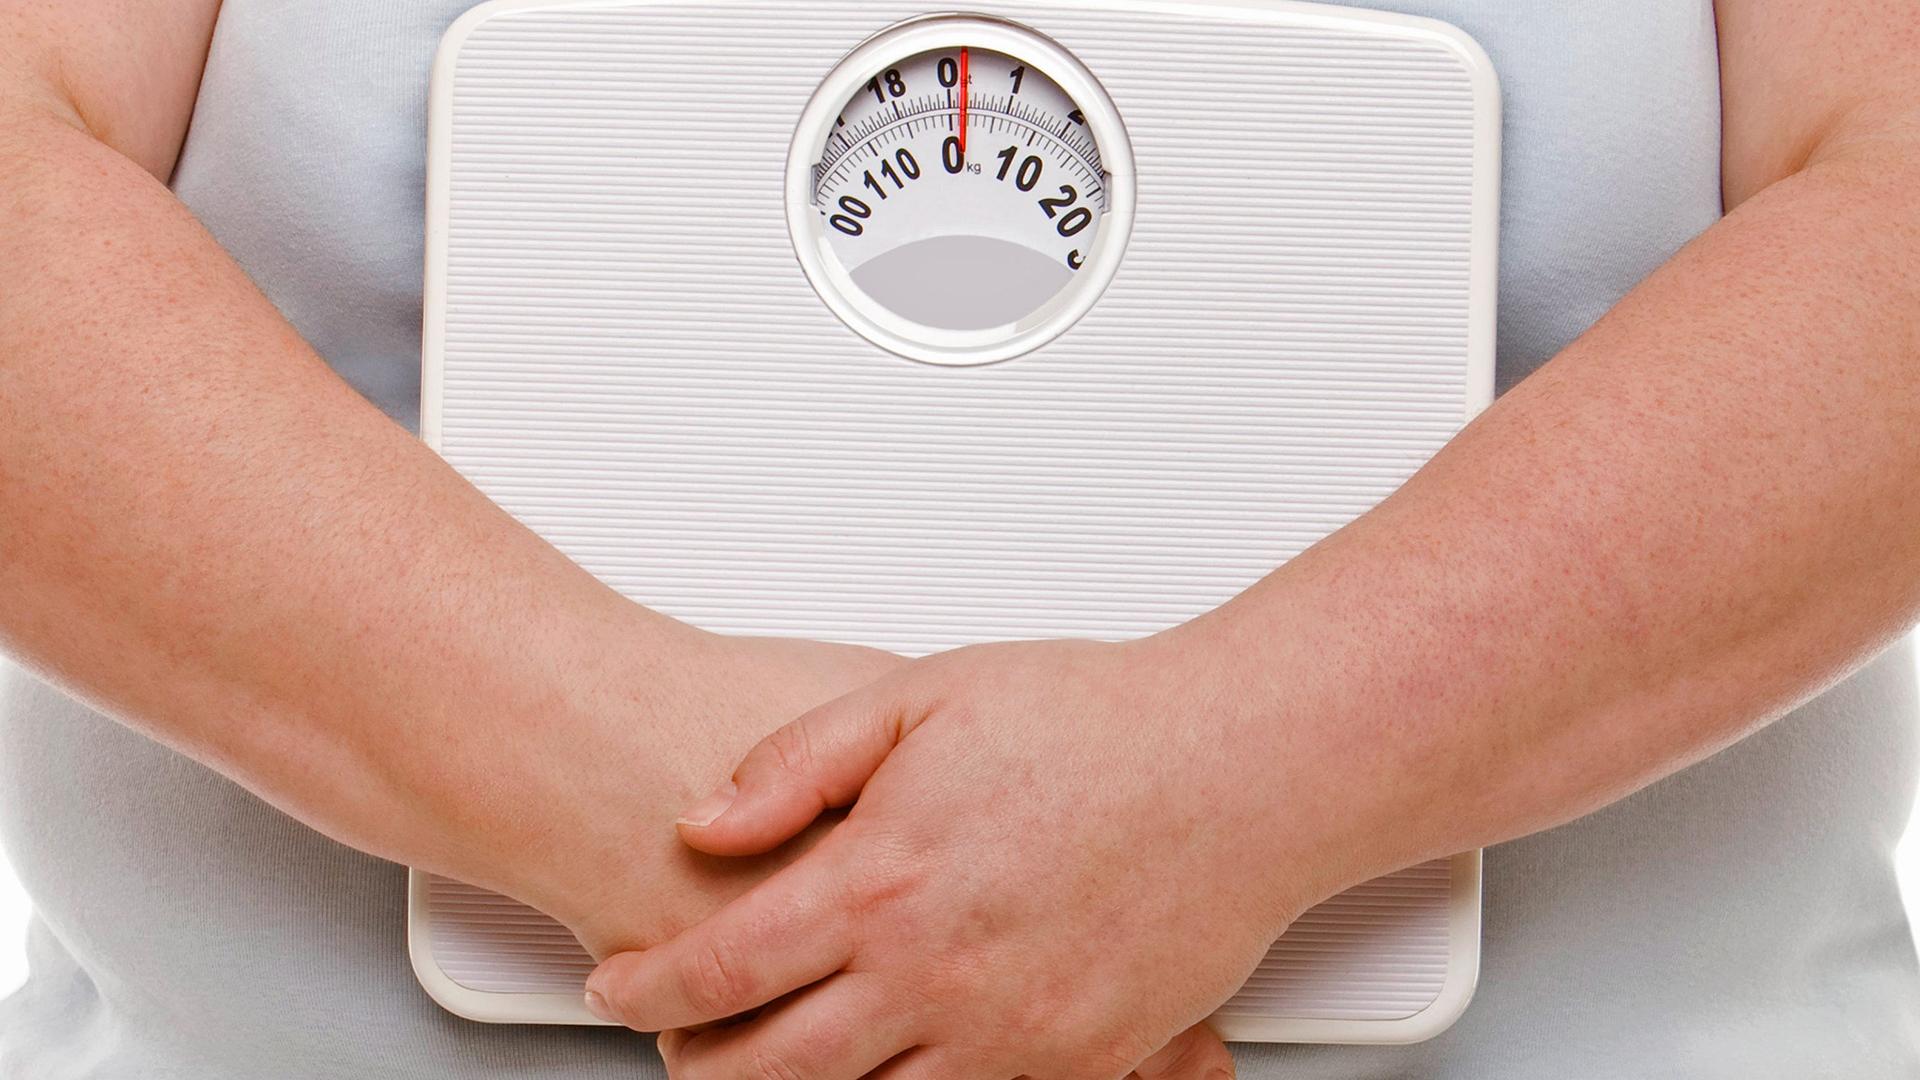 încercare de a slăbi motive pentru pierderea în greutate fără a încerca